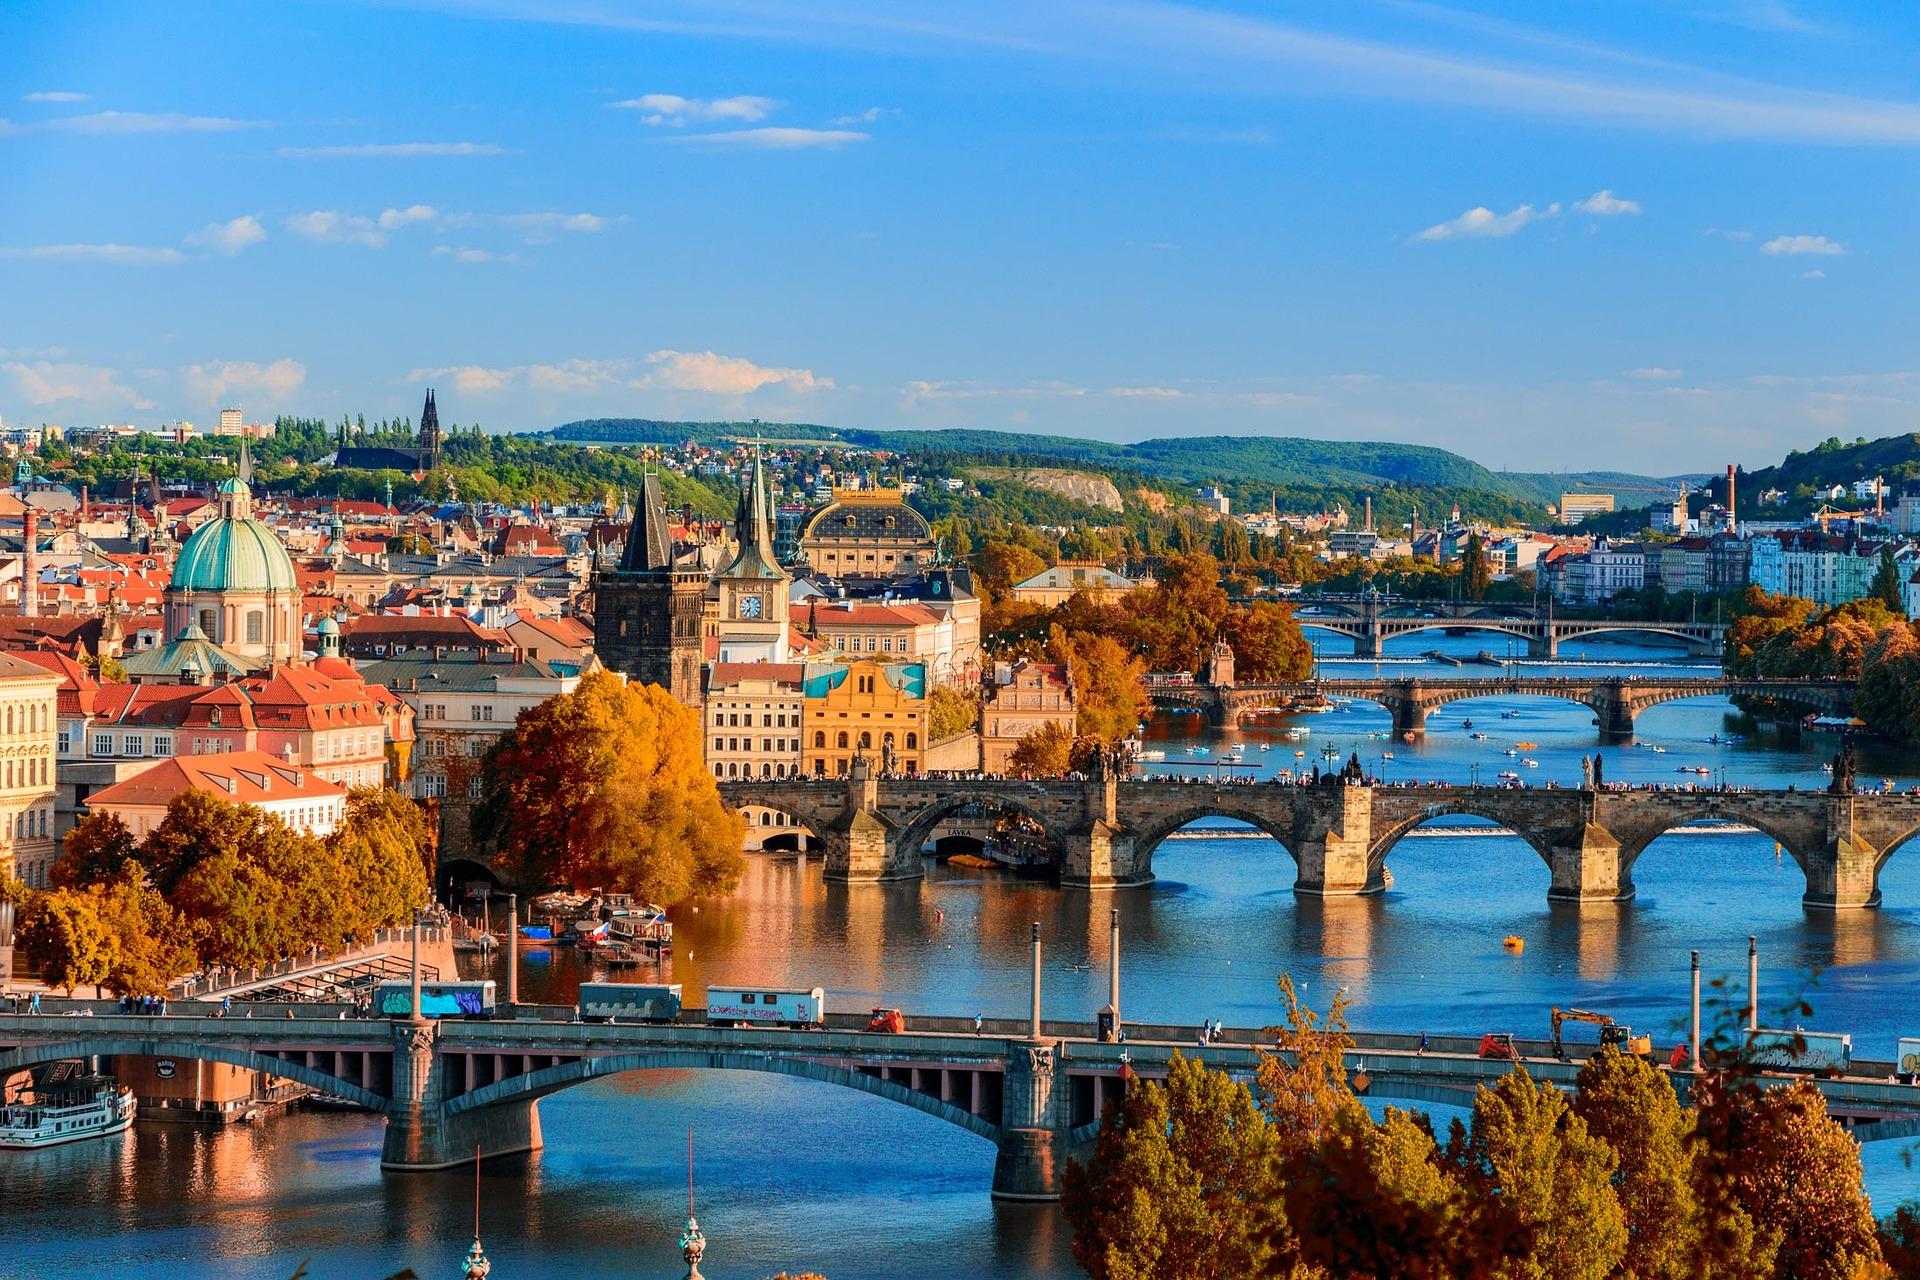 Tsjechië, in 2020 in de top 5 veilige landen van Europa